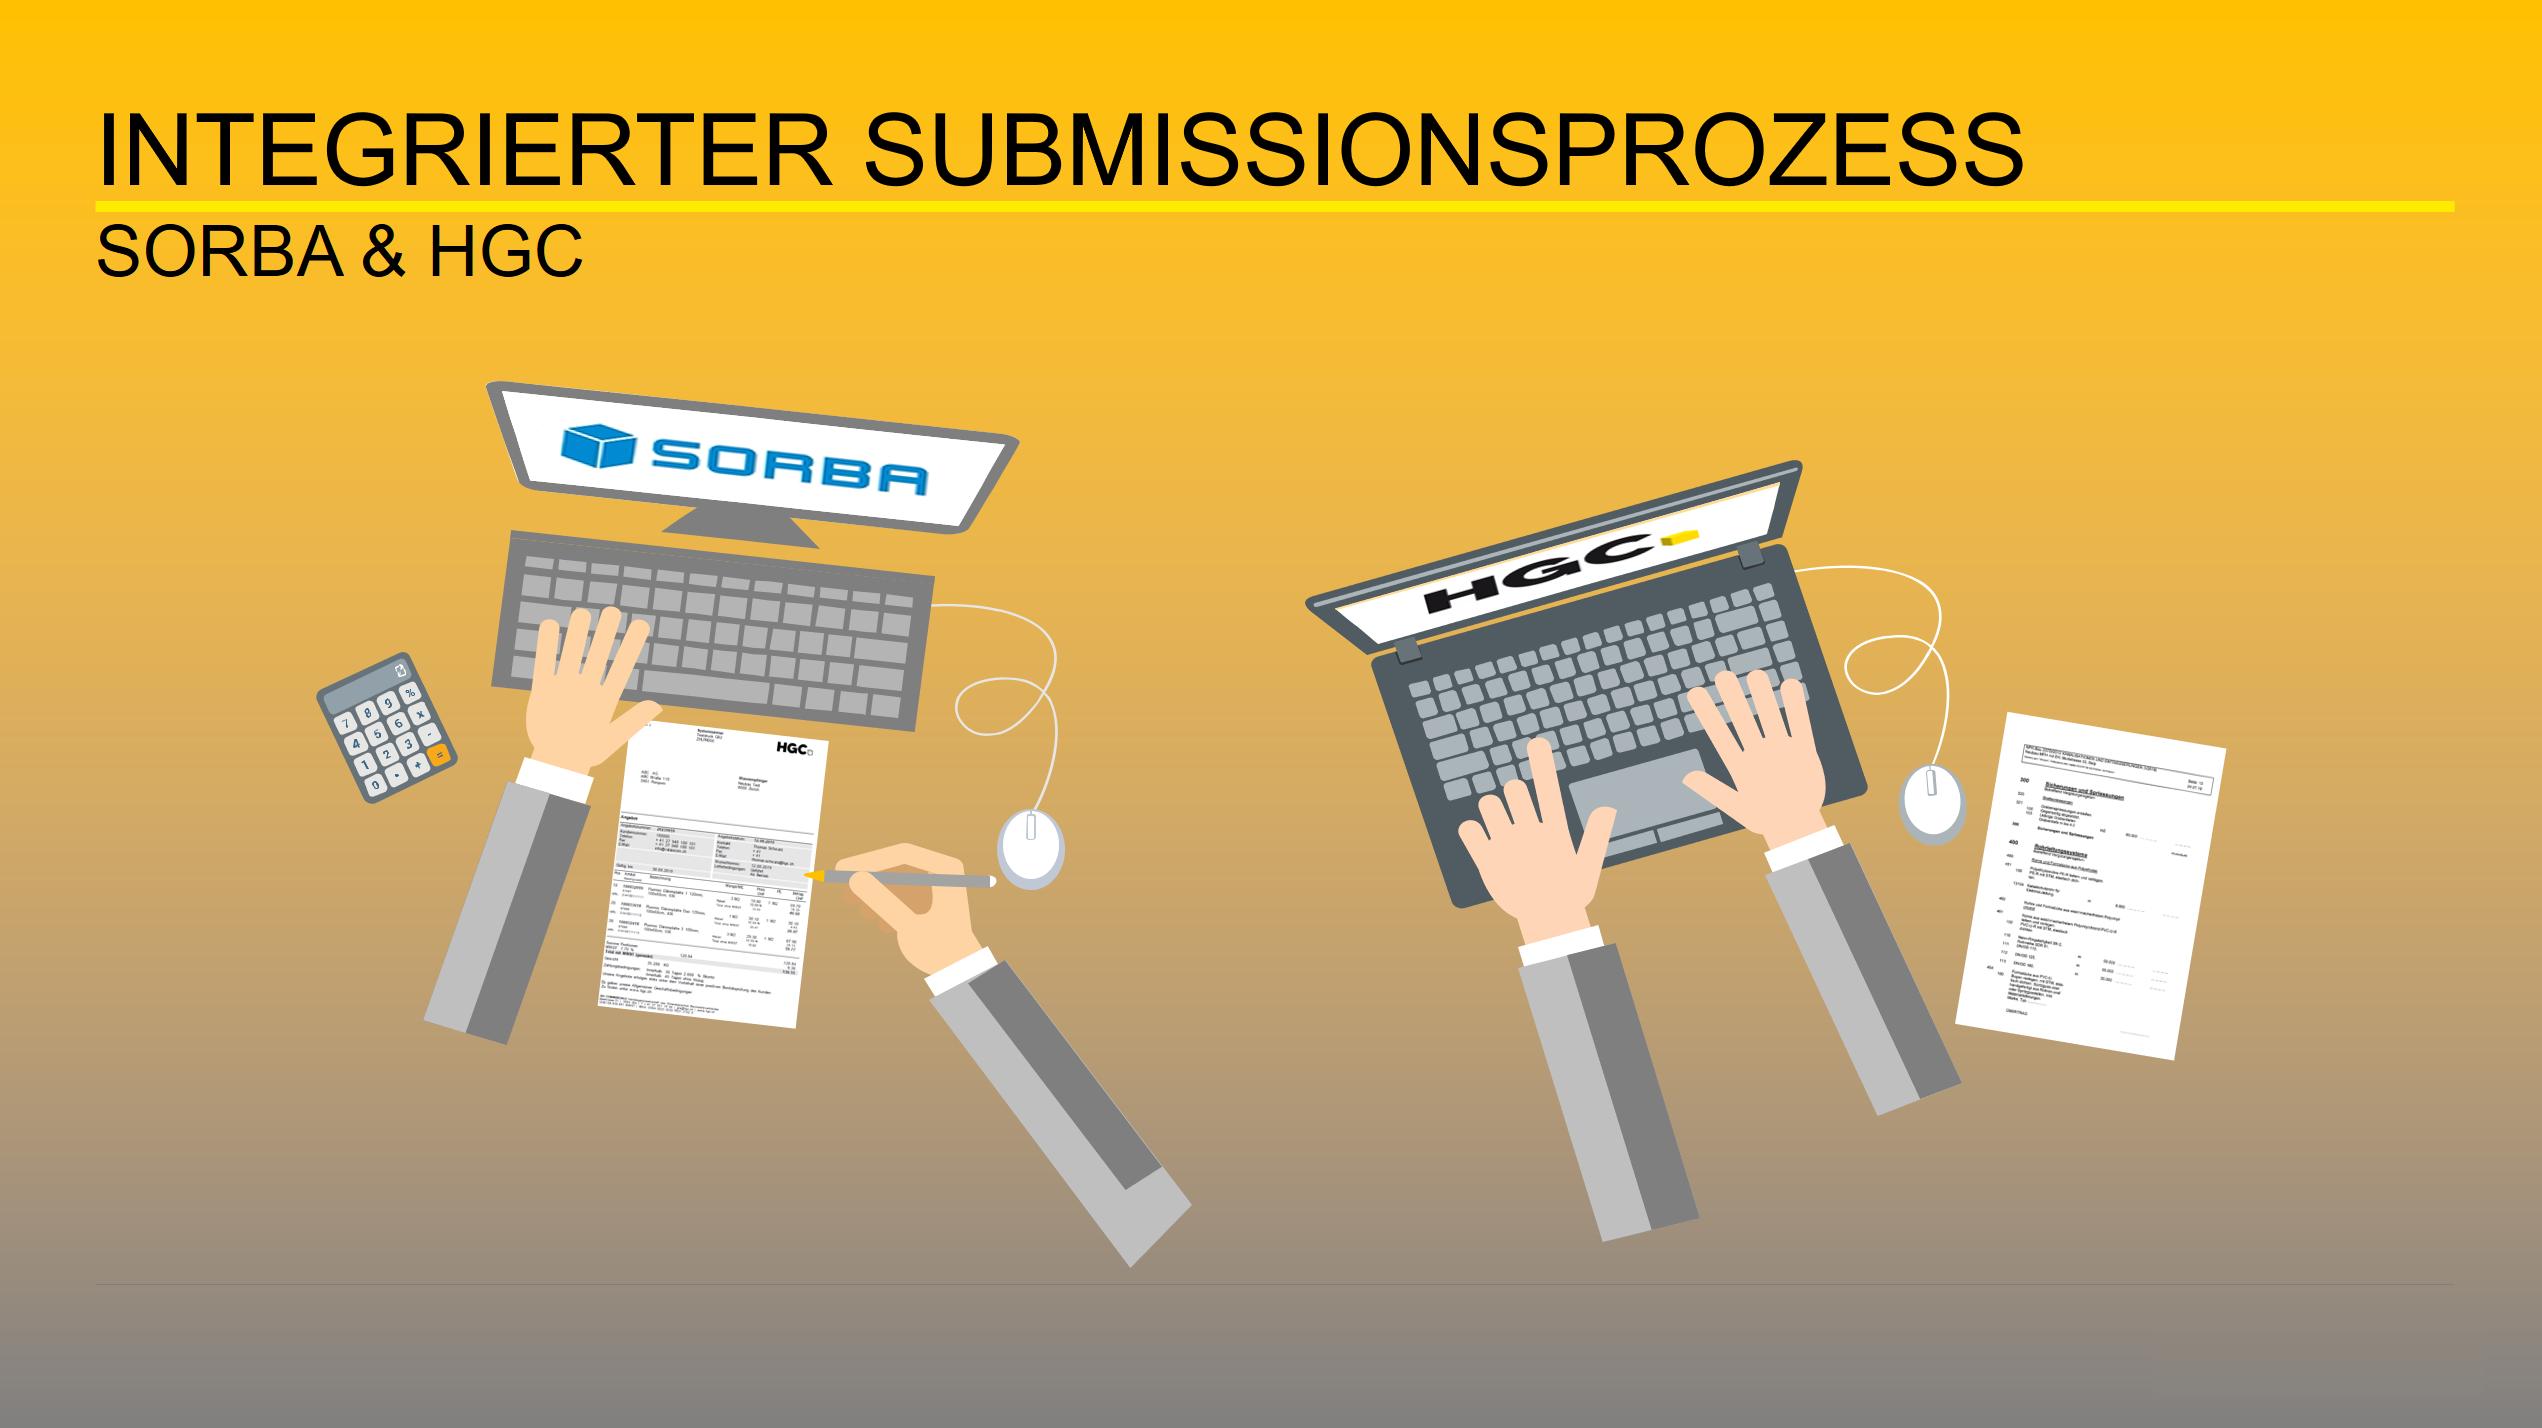 Computer vernetzt zwischen HGC und SORBA